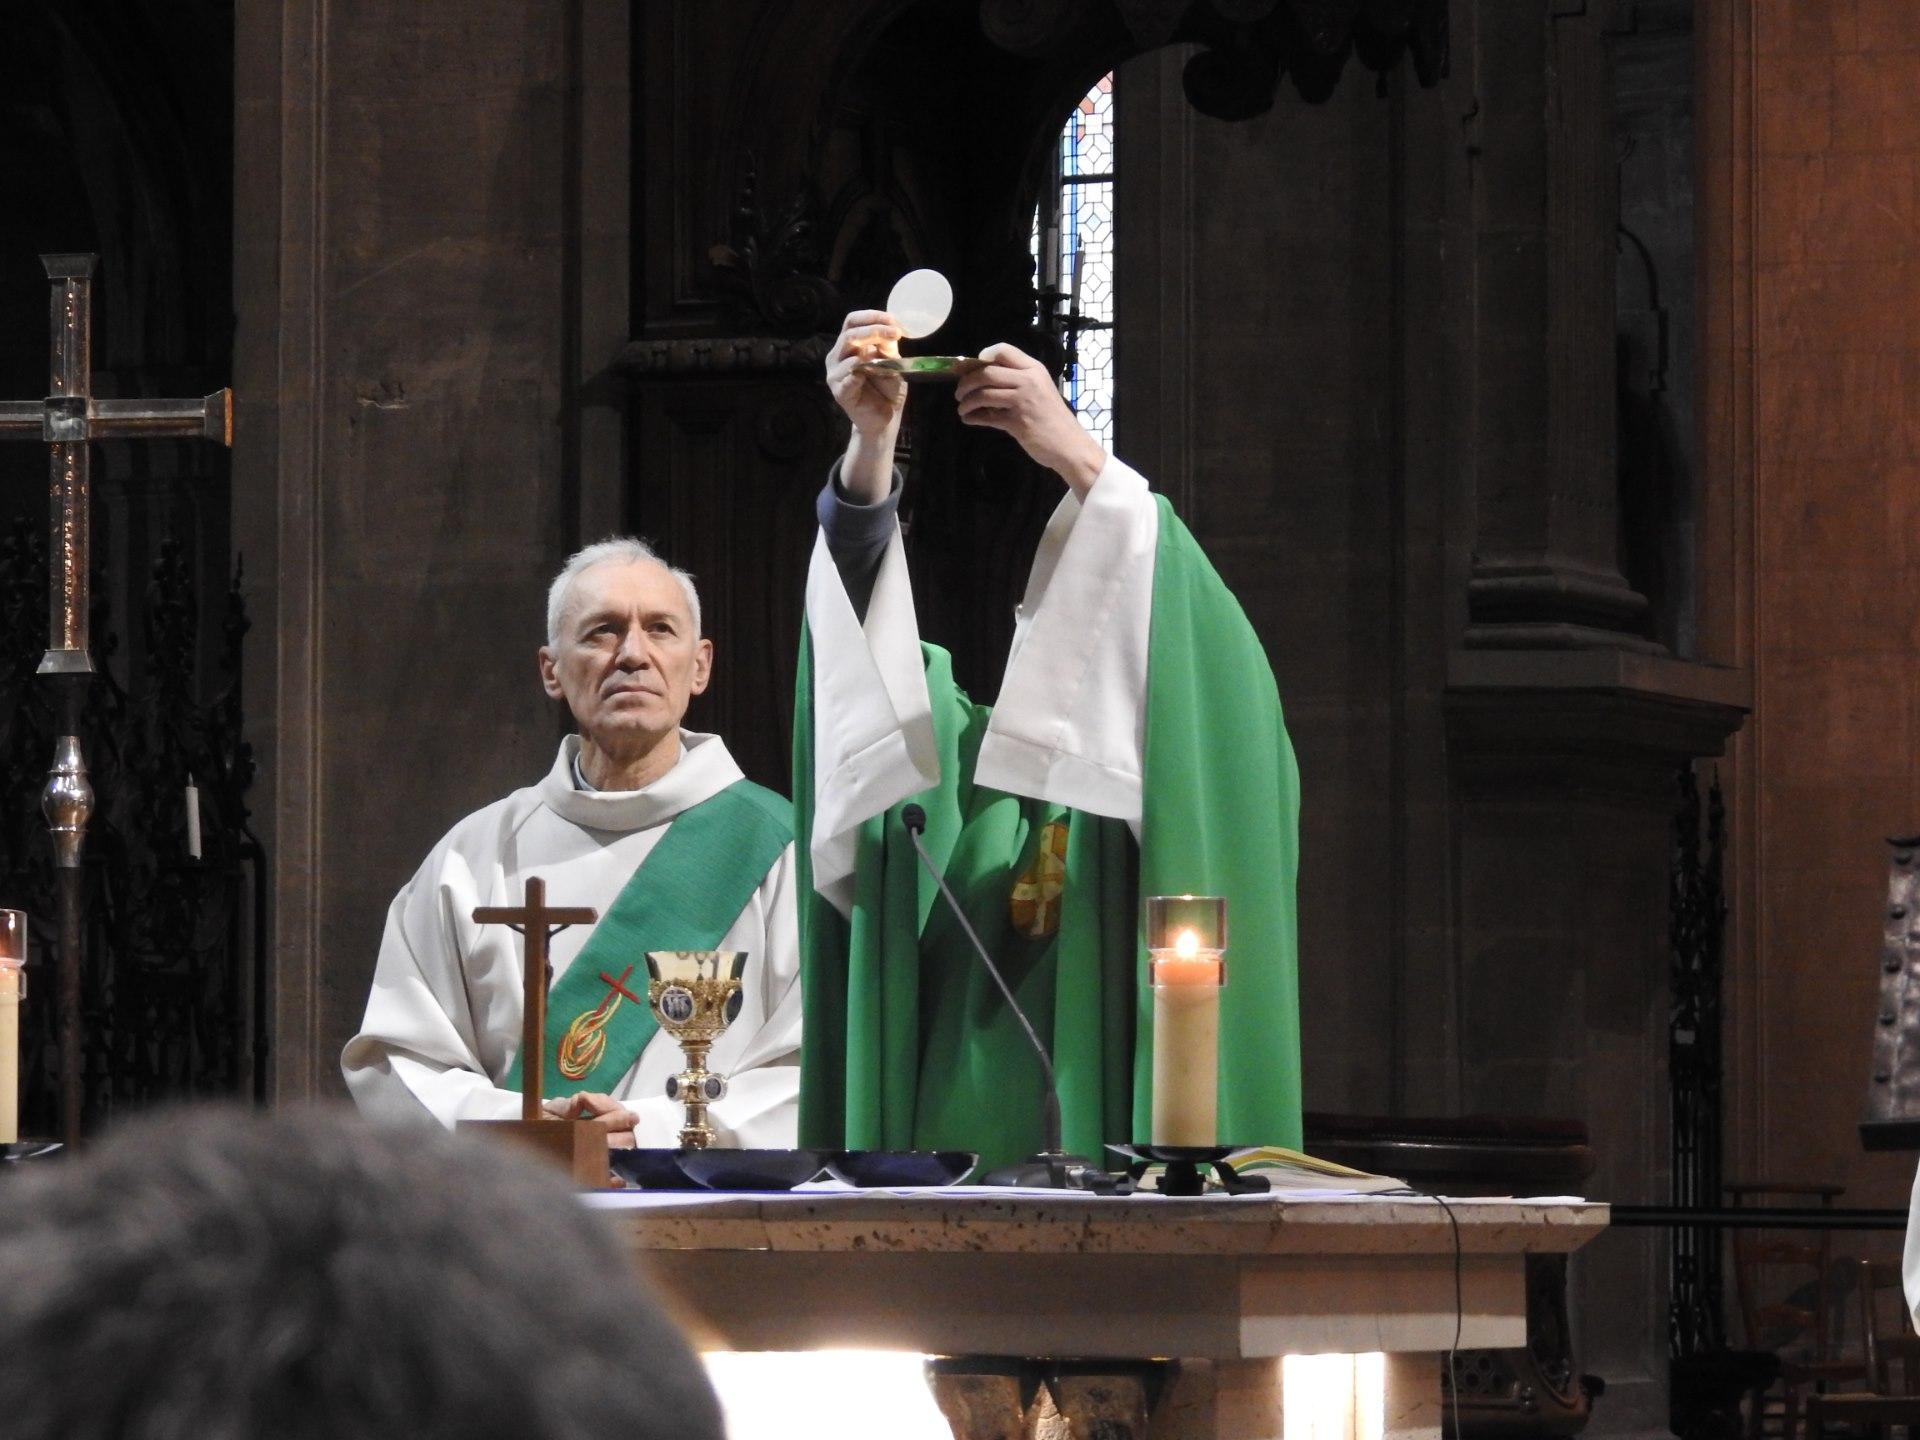 Messe familles St Francois 2018 01 21 (21)